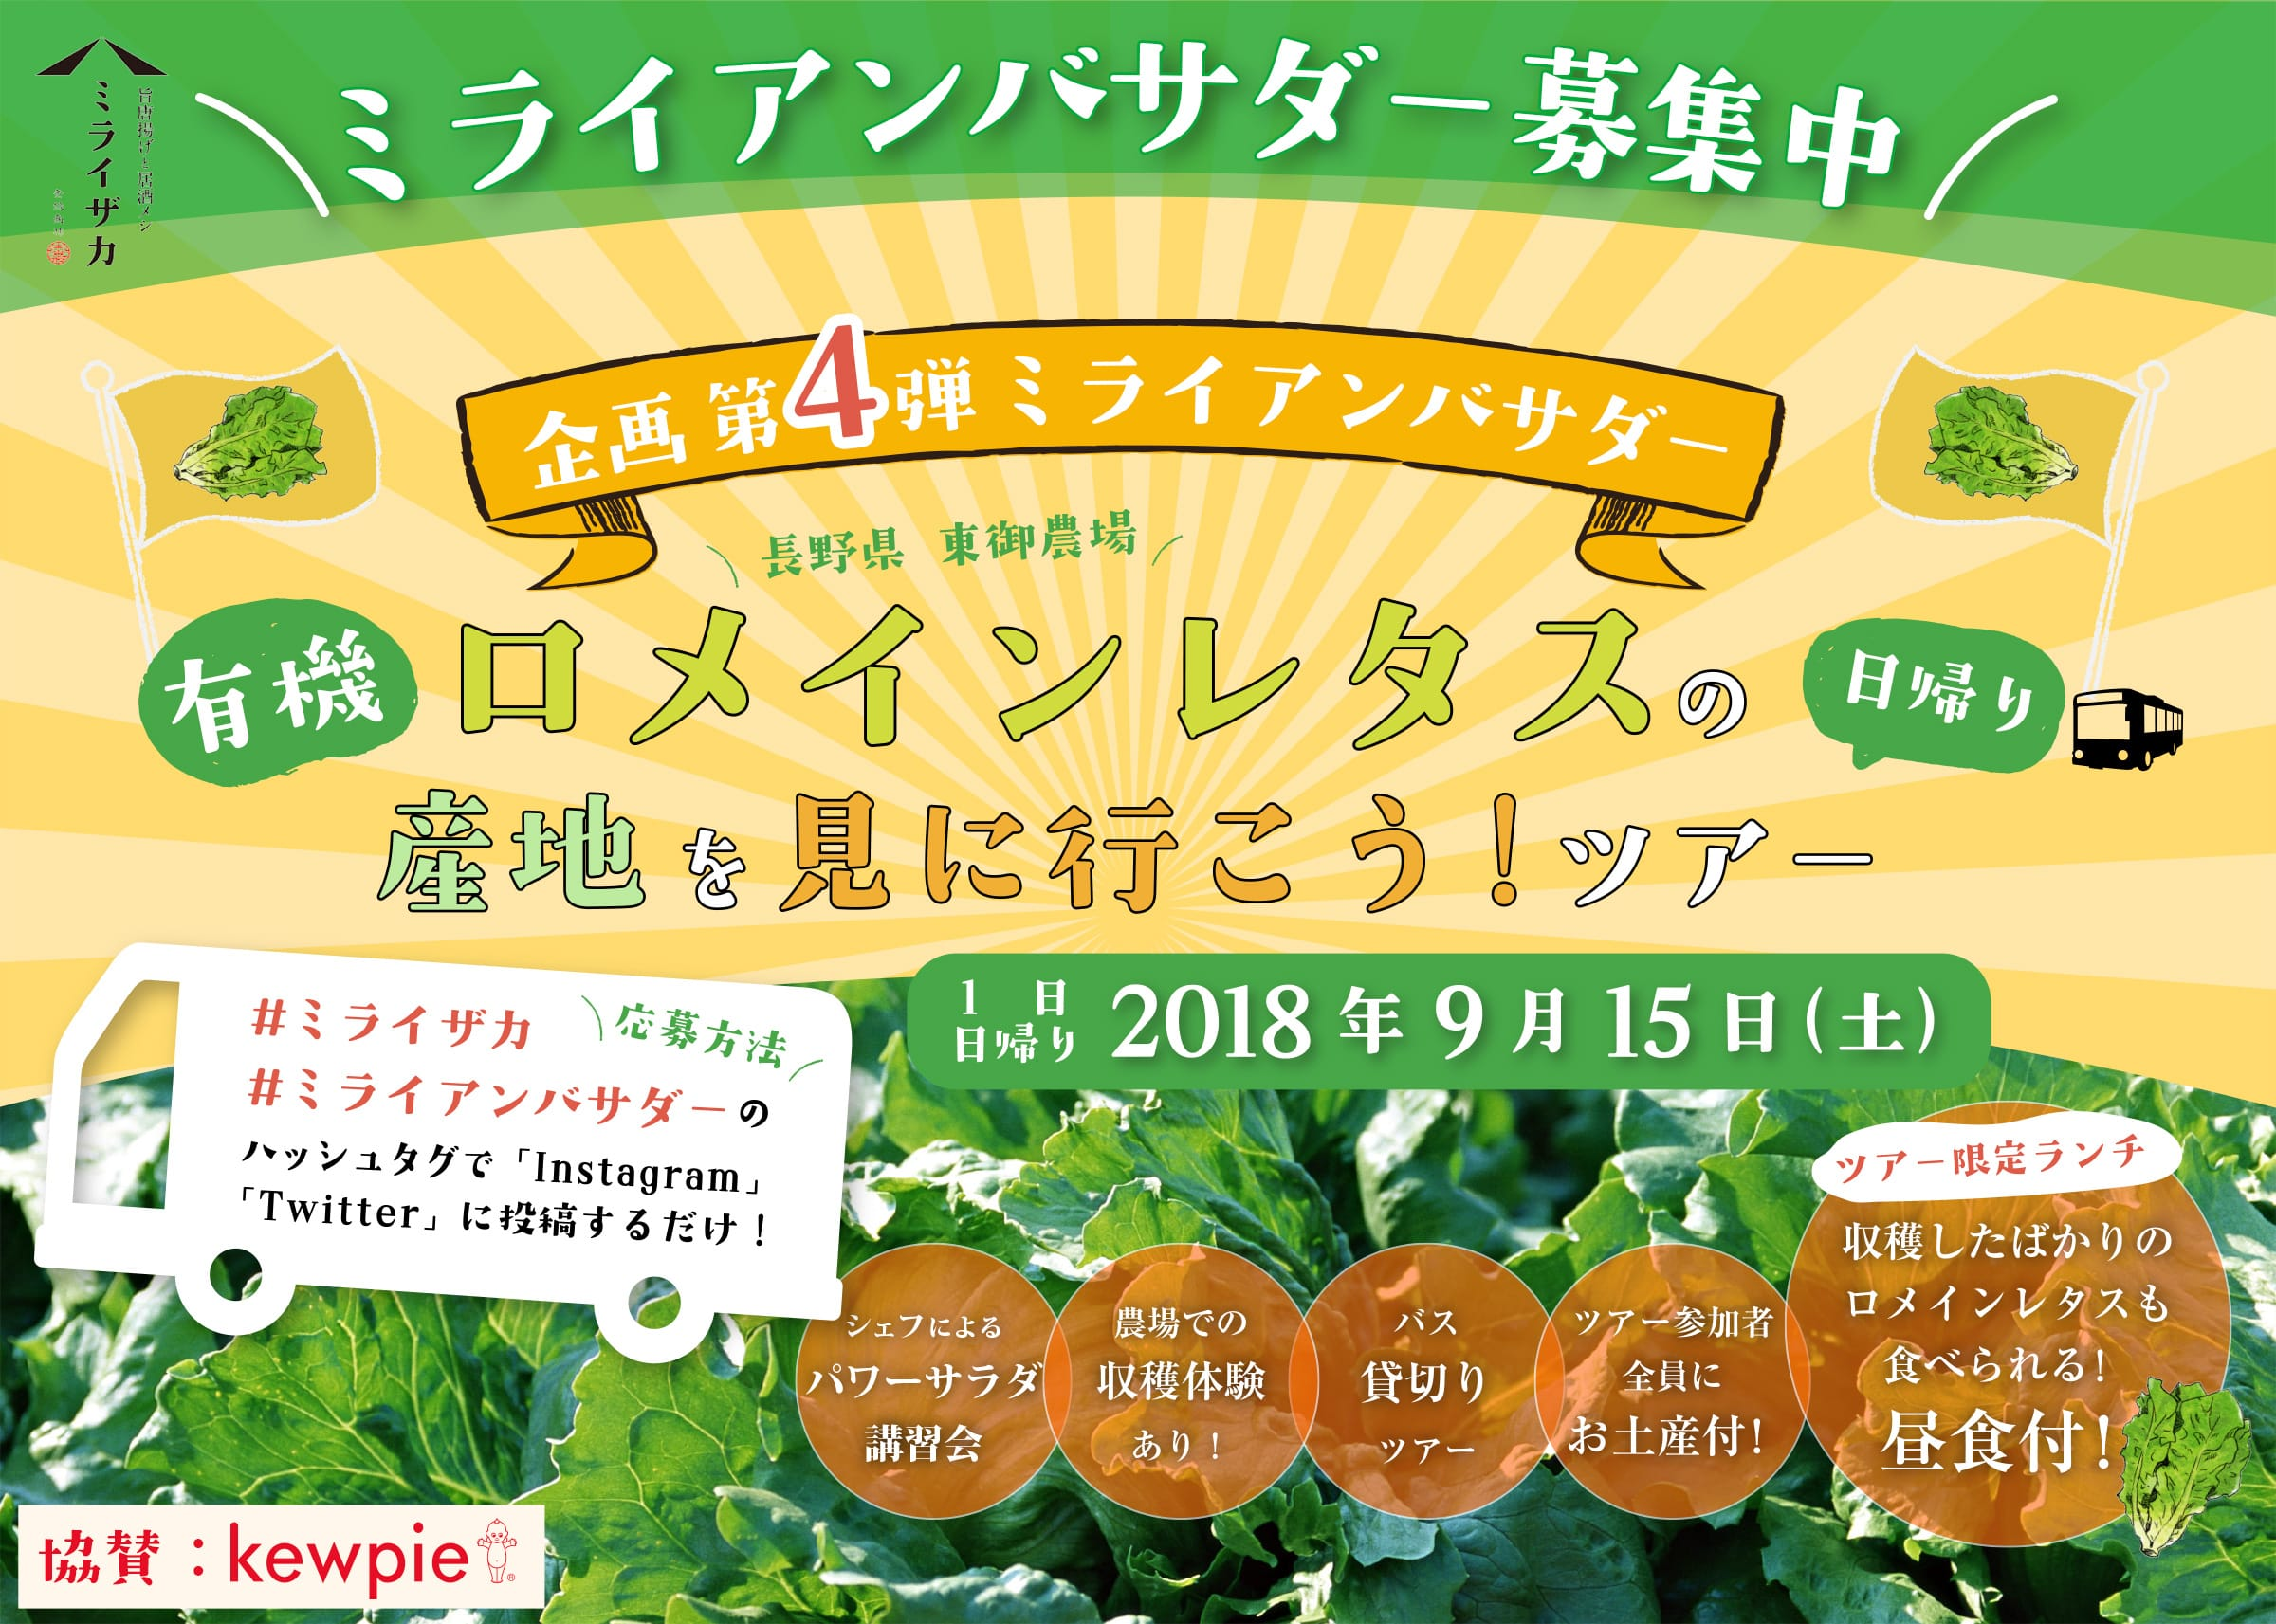 9/15「有機ロメインレタスの産地を見に行こう!ツアー」参加者募集中!